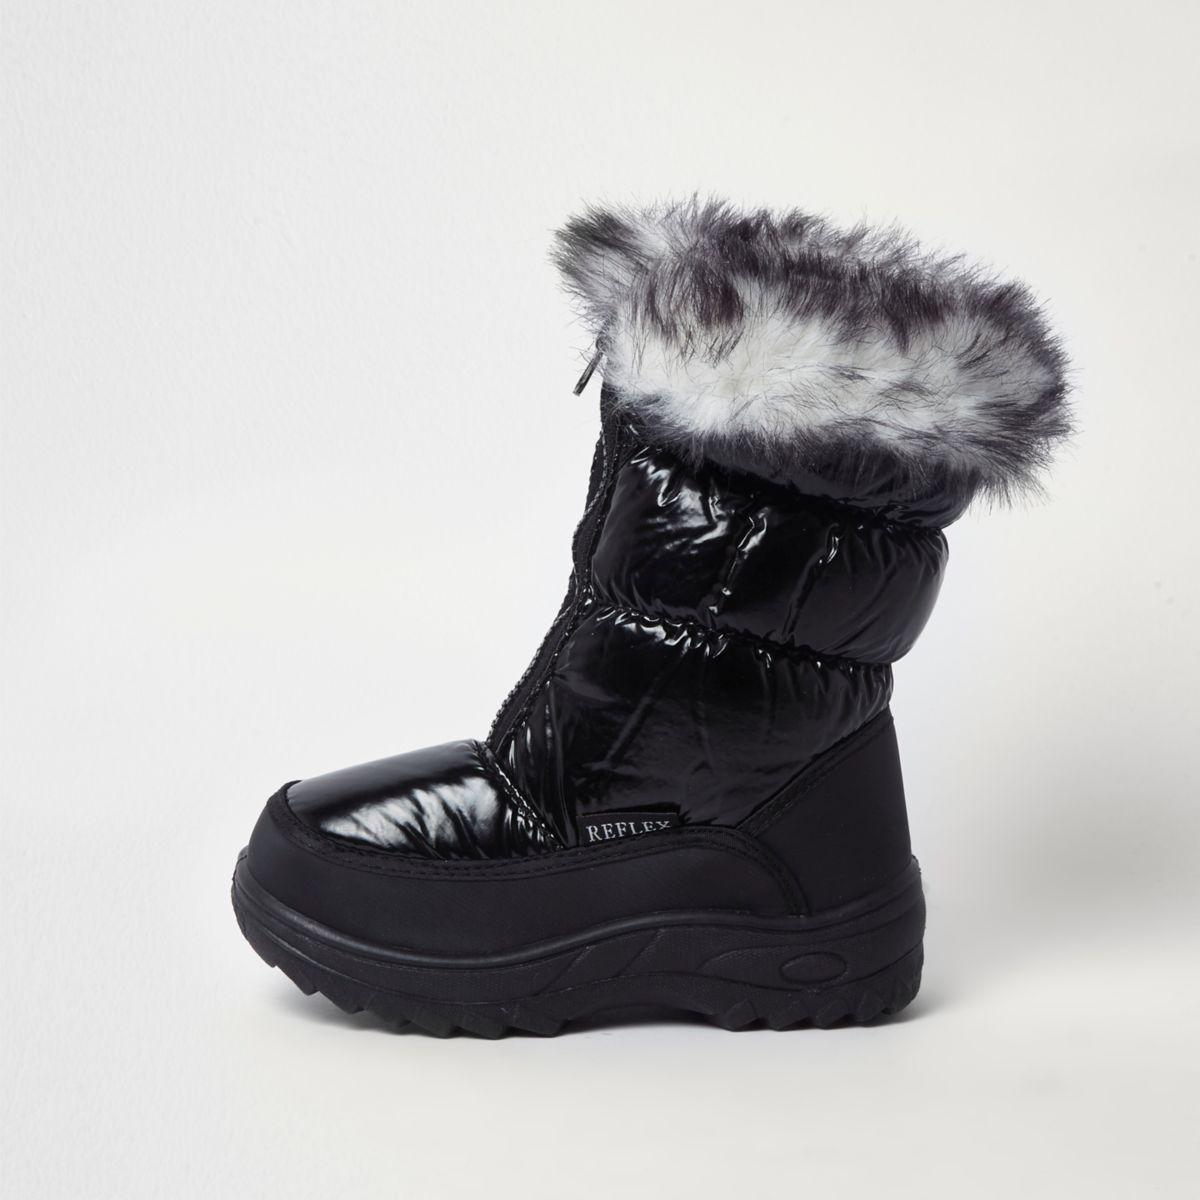 Bottes de neige noires à bordure en fausse fourrure pour fille